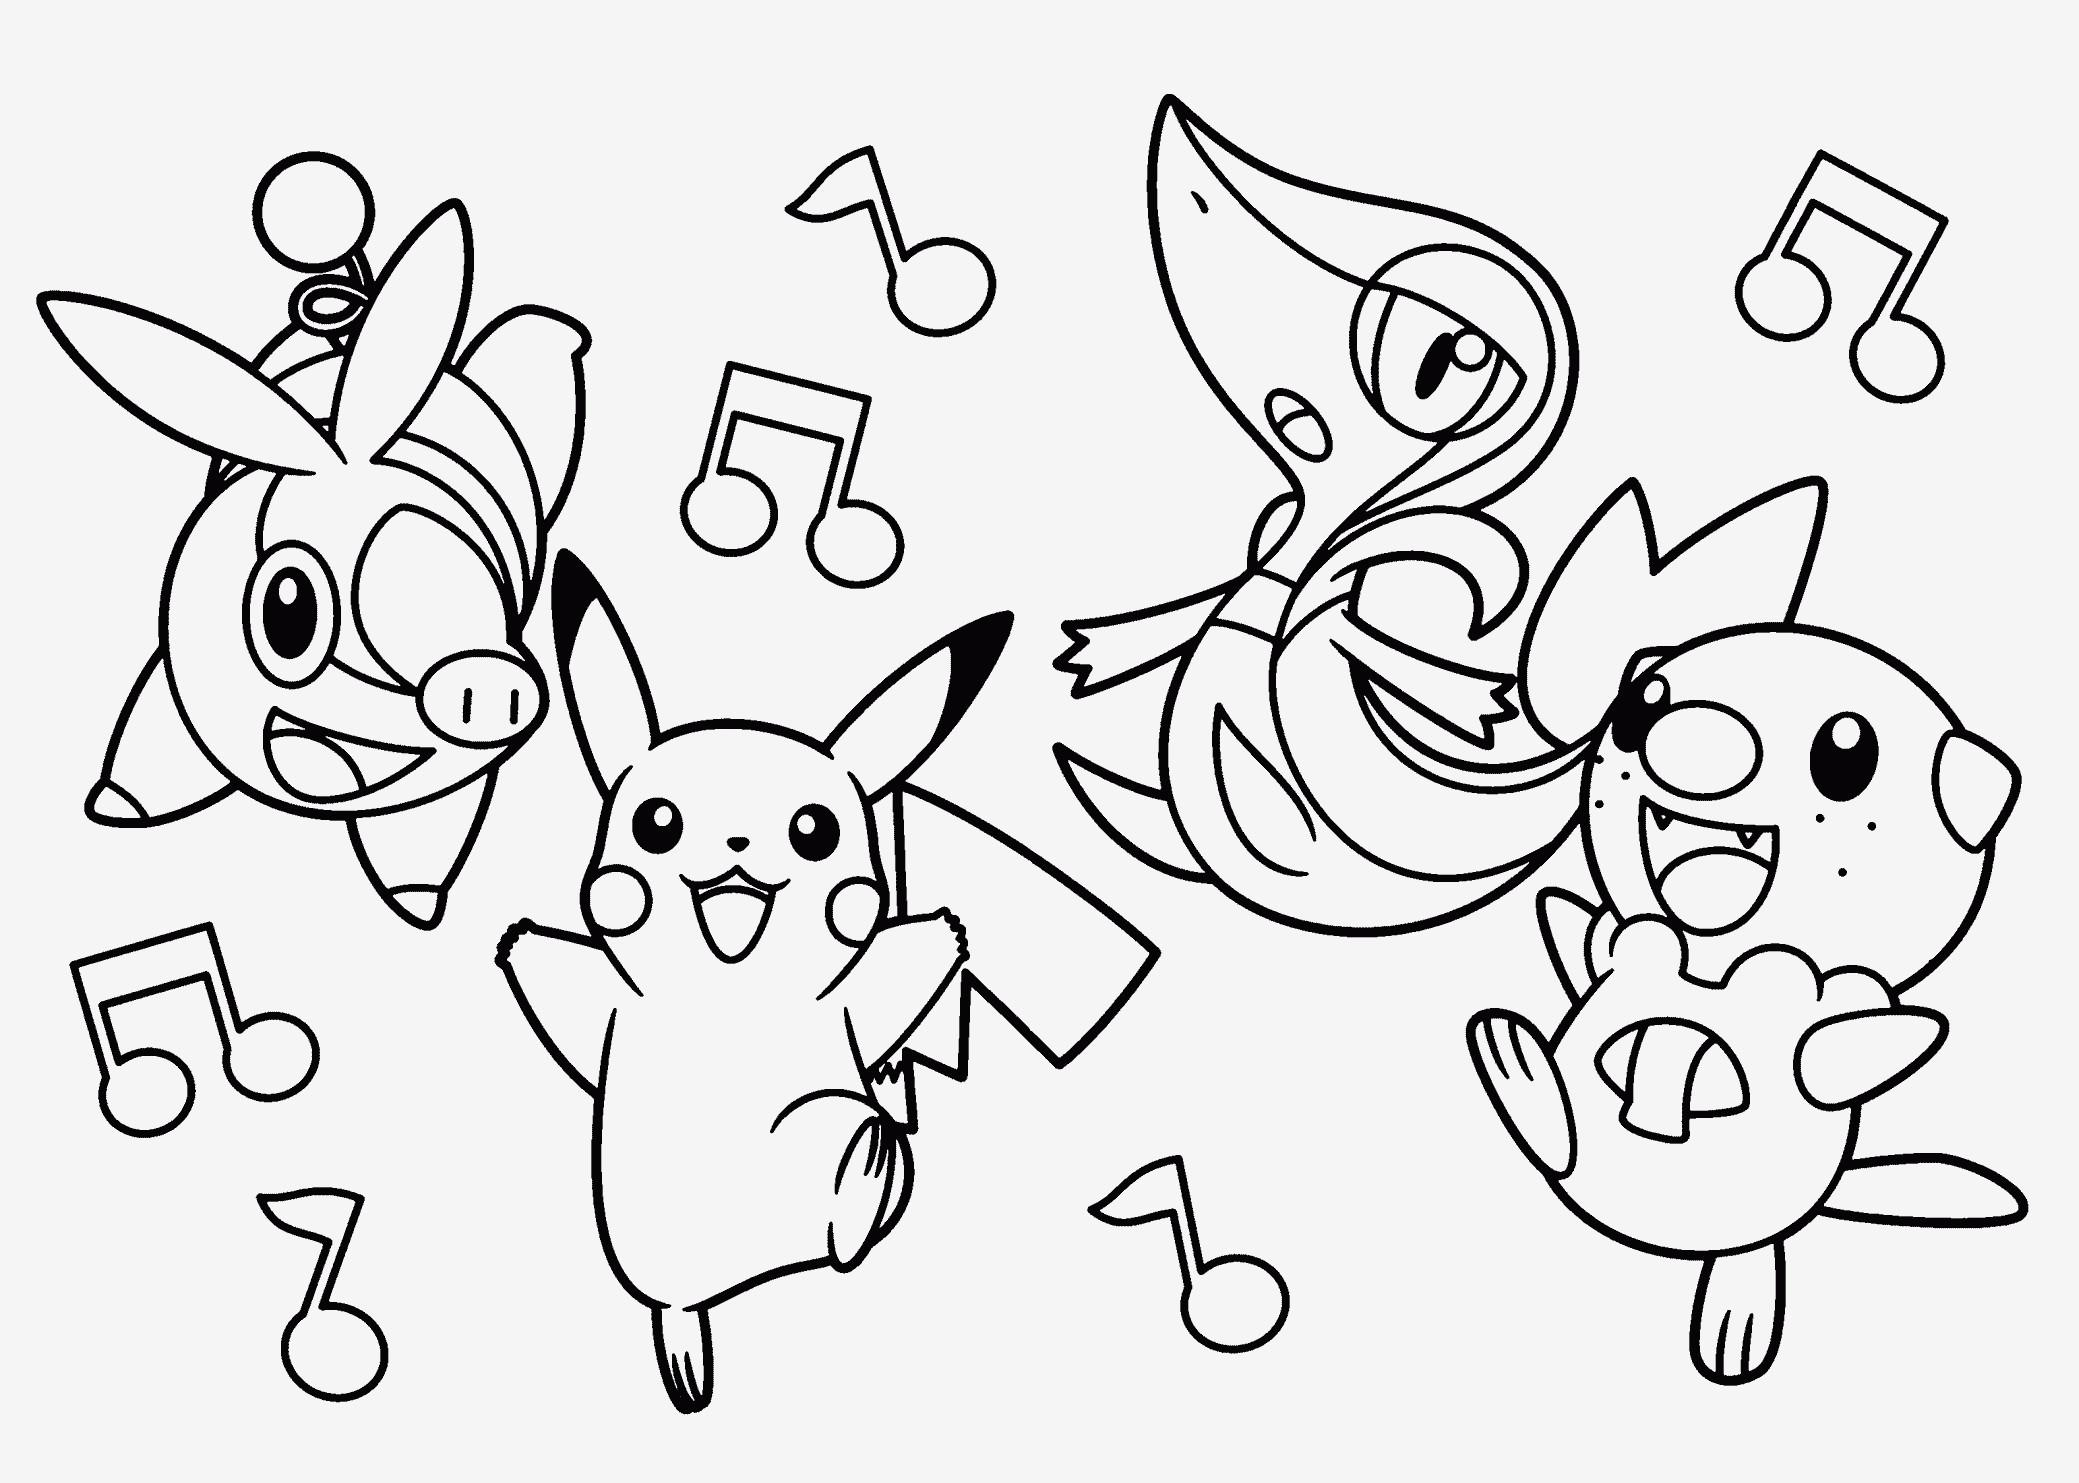 Pokemon Ausmalbilder Kostenlos Frisch 37 Fantastisch Pokemon Ausmalbilder Kostenlos – Große Coloring Page Das Bild